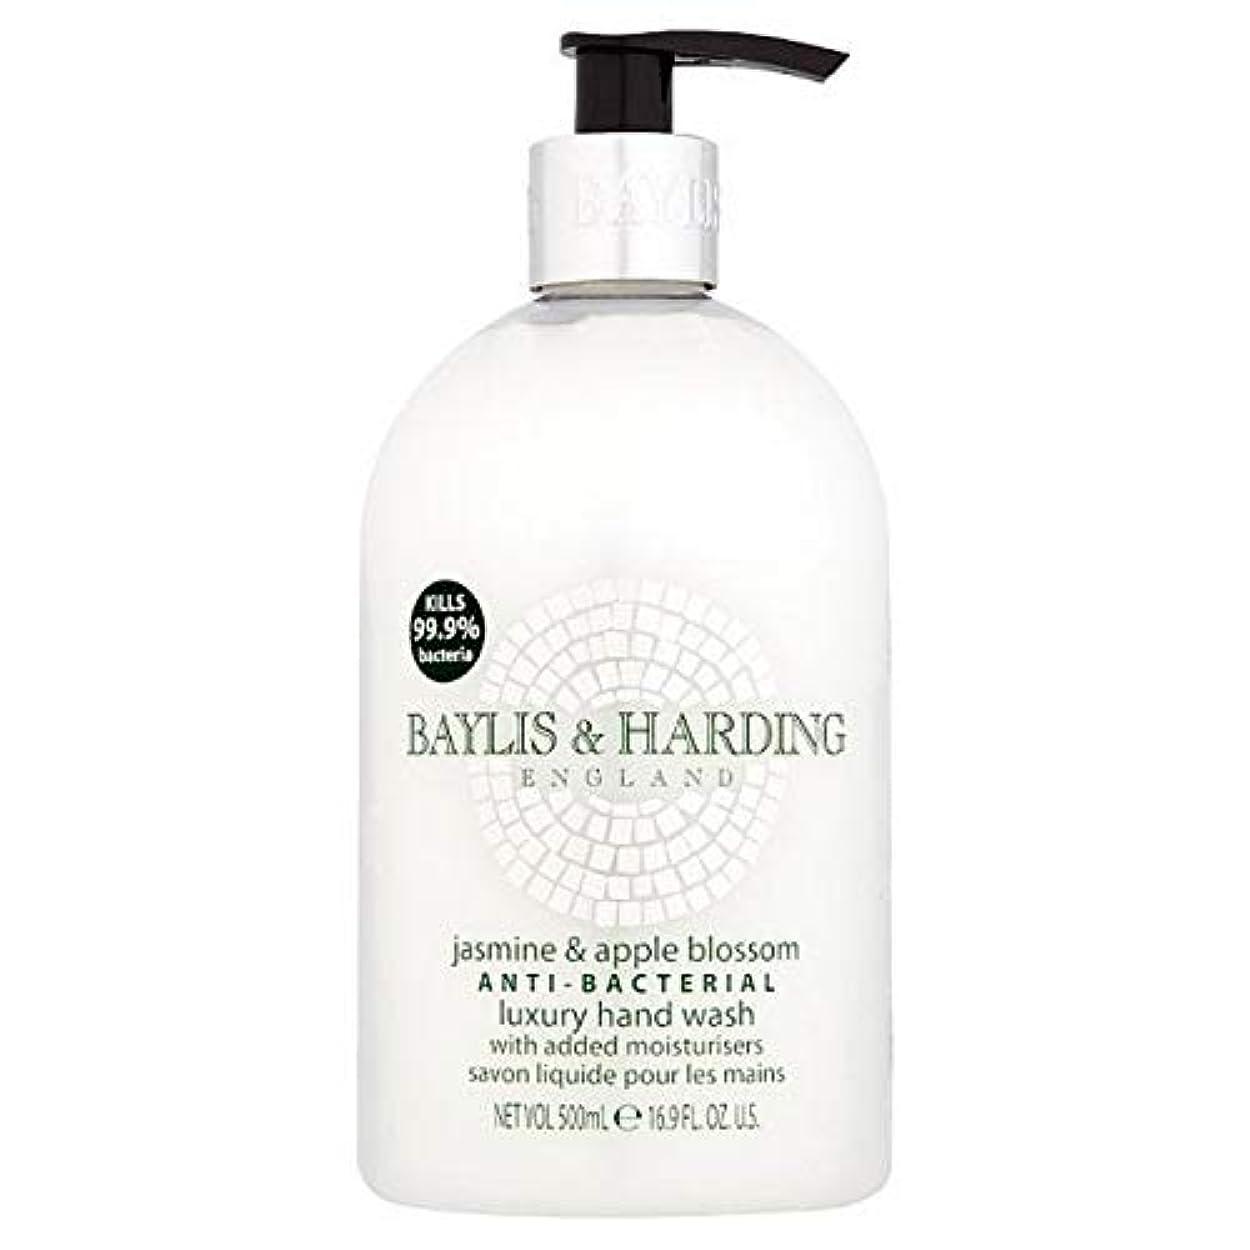 弱まる自治的同行[Baylis & Harding ] ベイリス&ハーディング署名抗菌手洗い用500ミリリットル - Baylis & Harding Signature Antibacterial Hand Wash 500ml [並行輸入品]